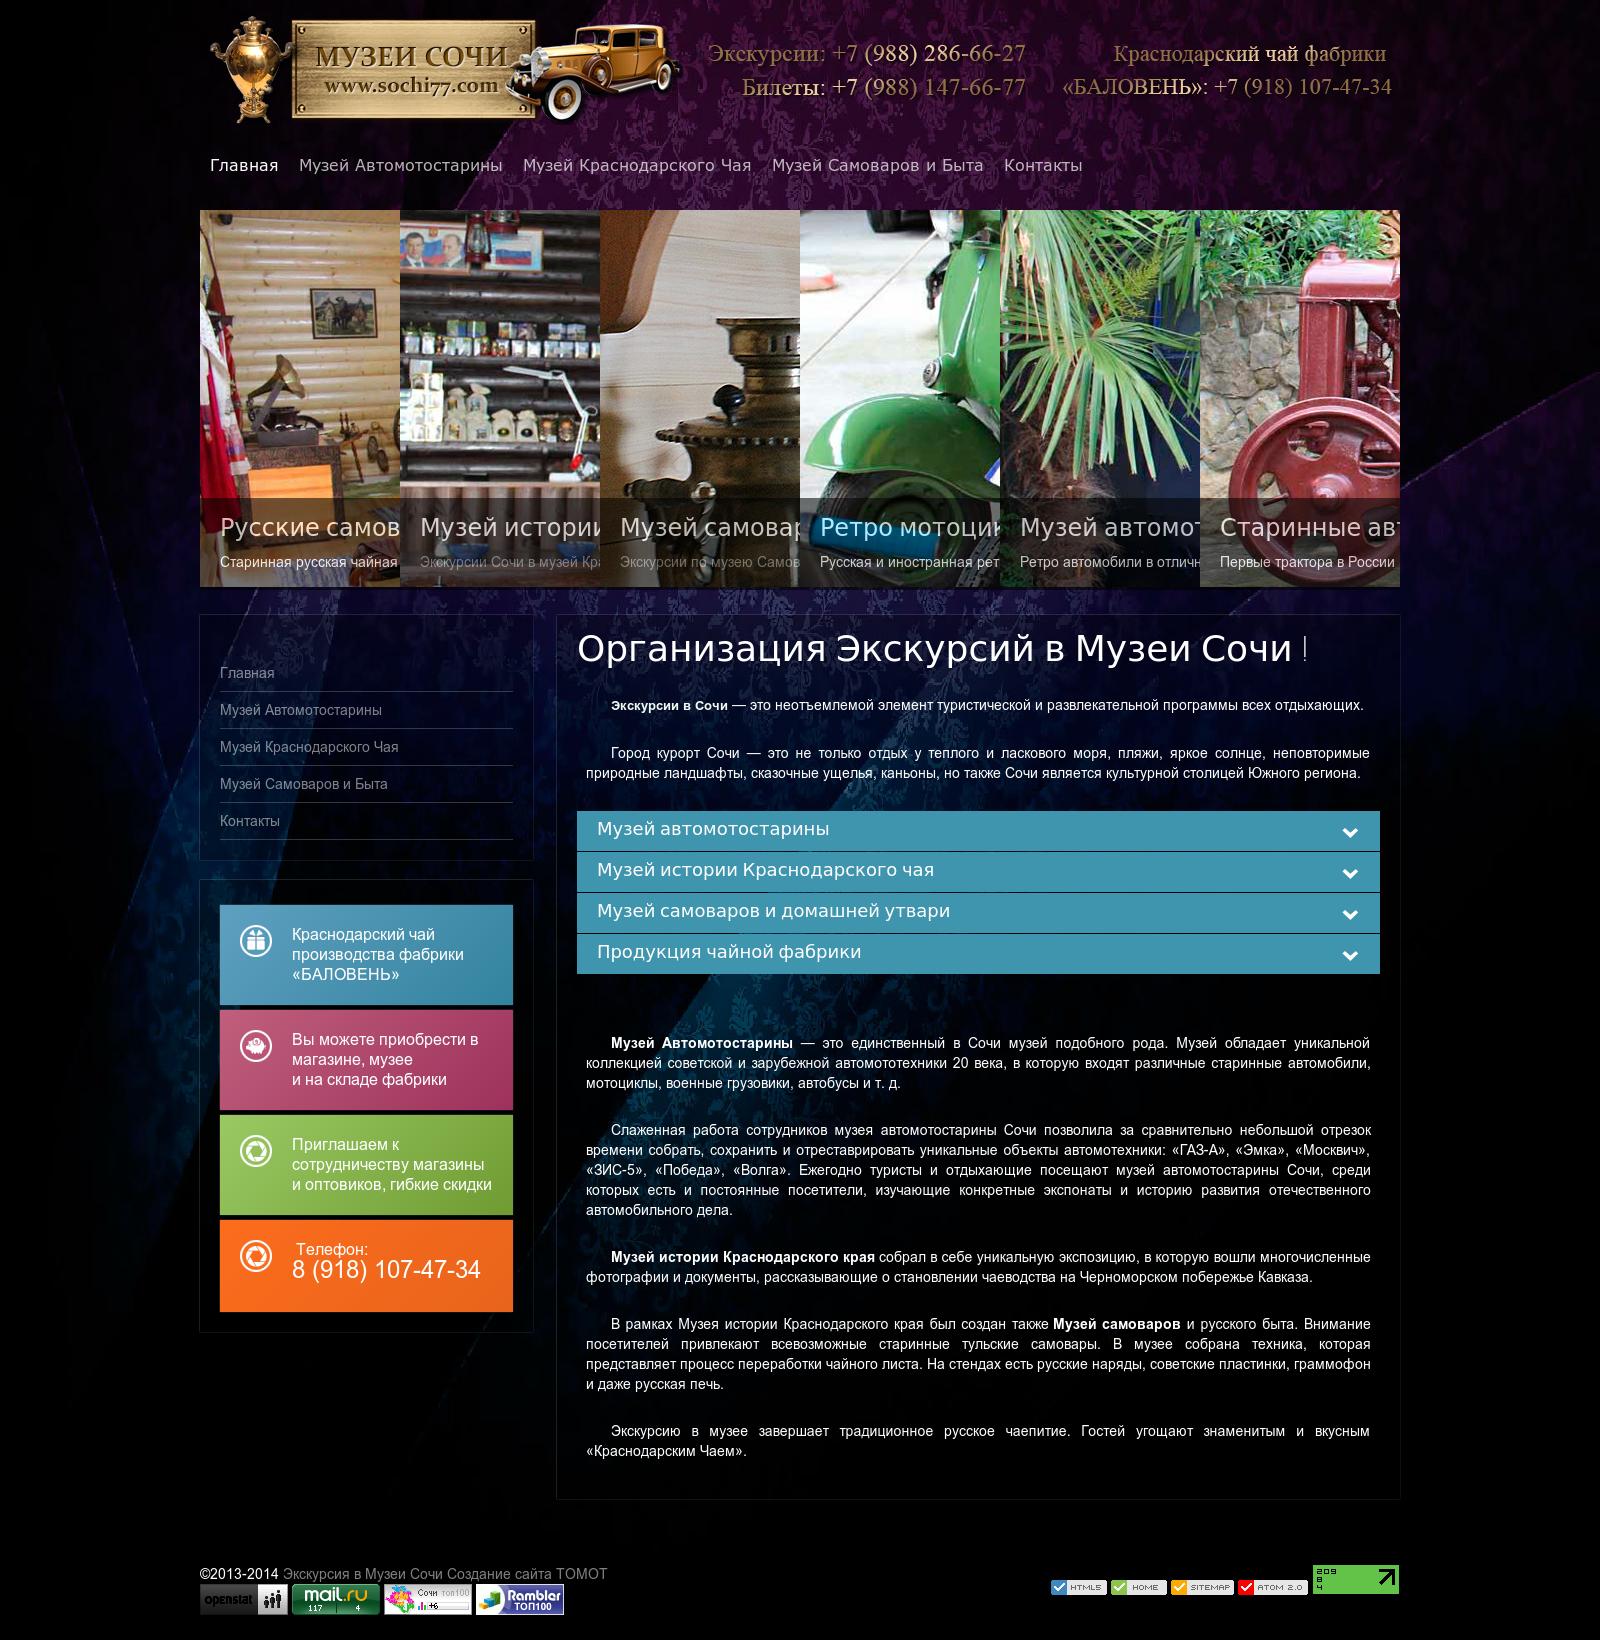 Официальный сайт музея ретро машин и чая